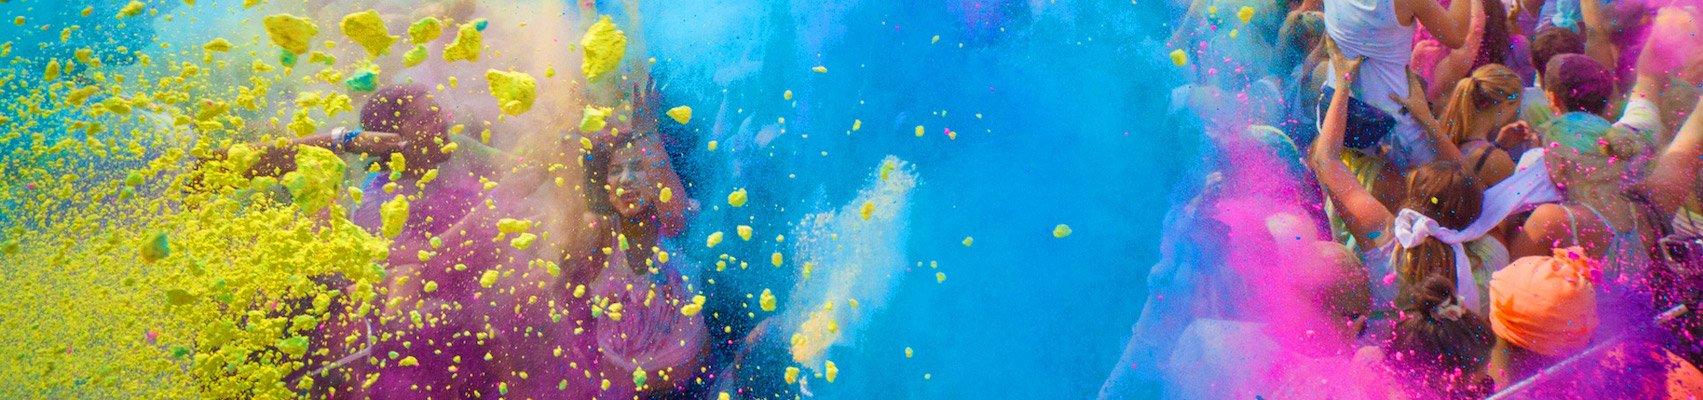 Holi Festival of Colours - Heidelberg